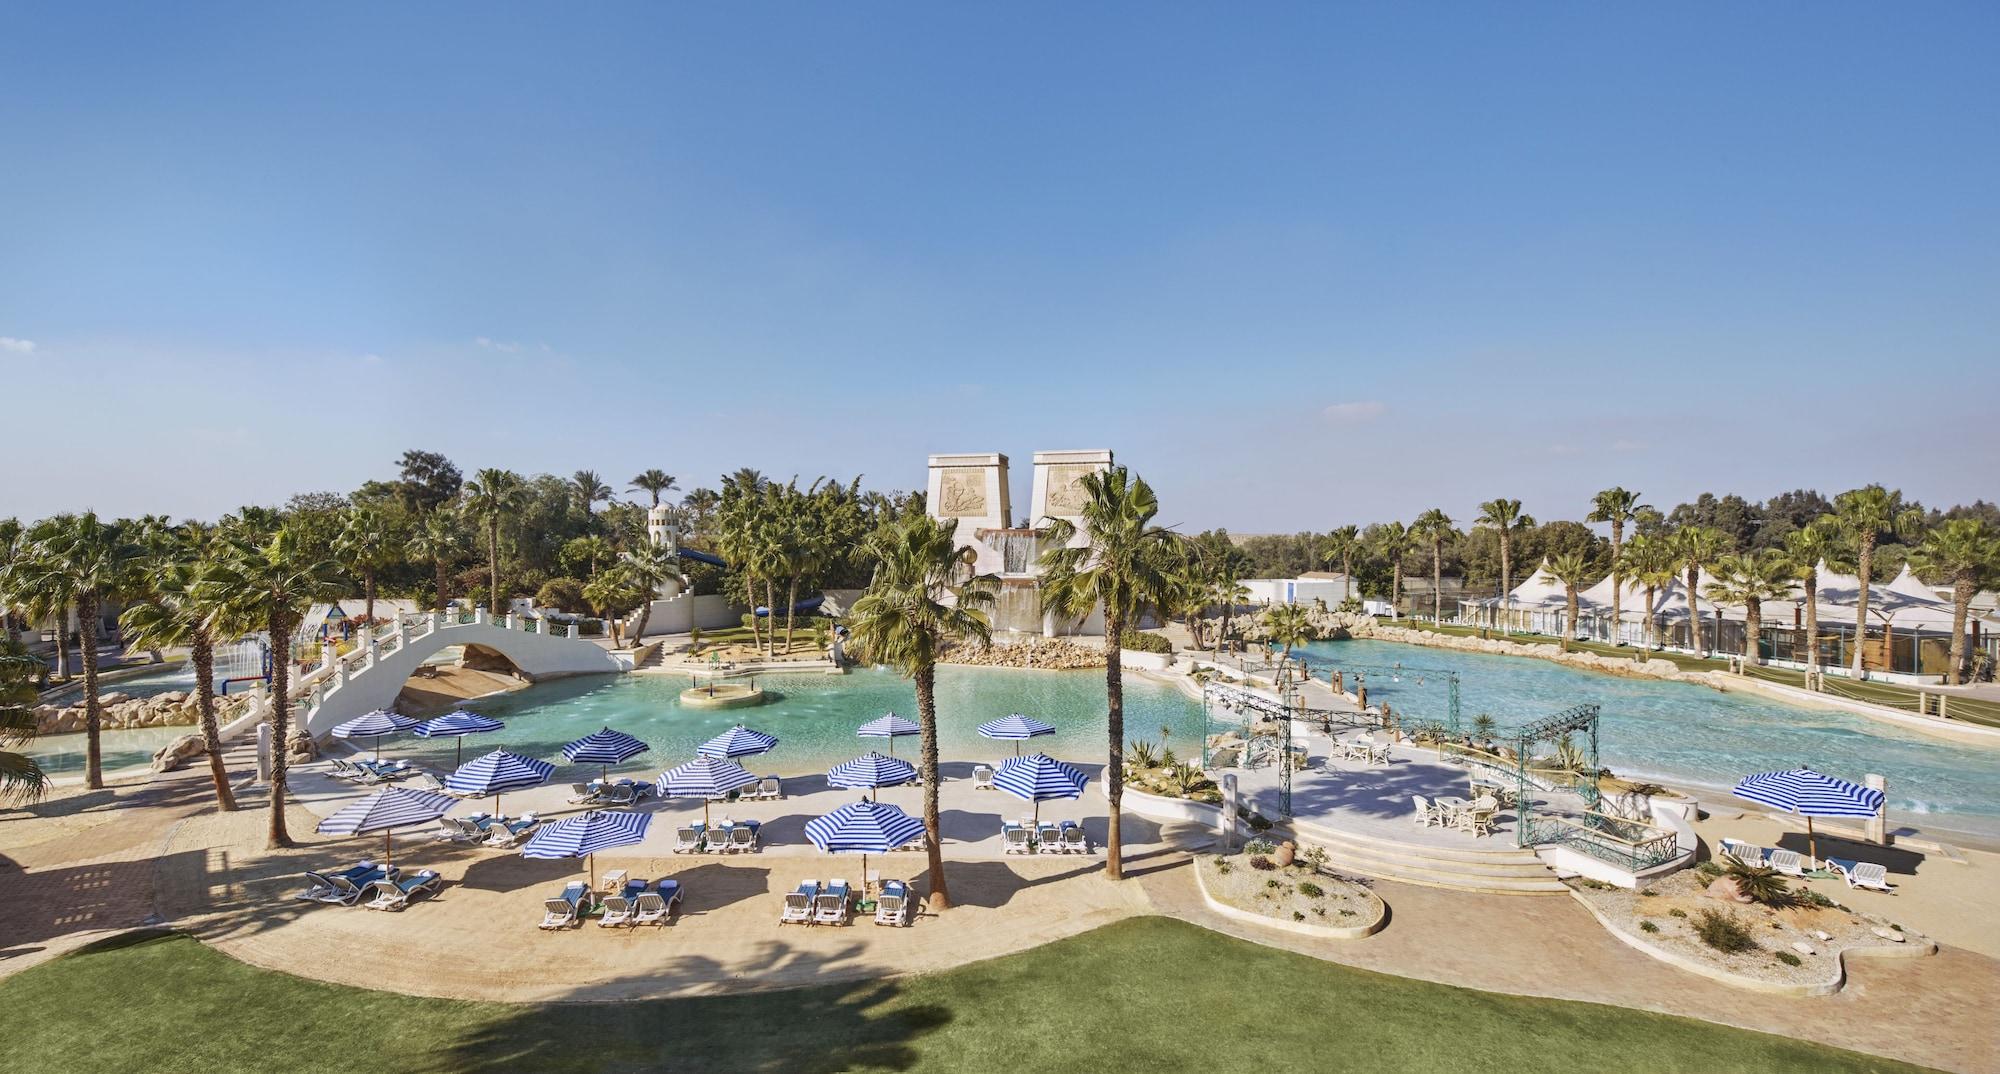 JW Marriott Hotel Cairo, New Cairo 2